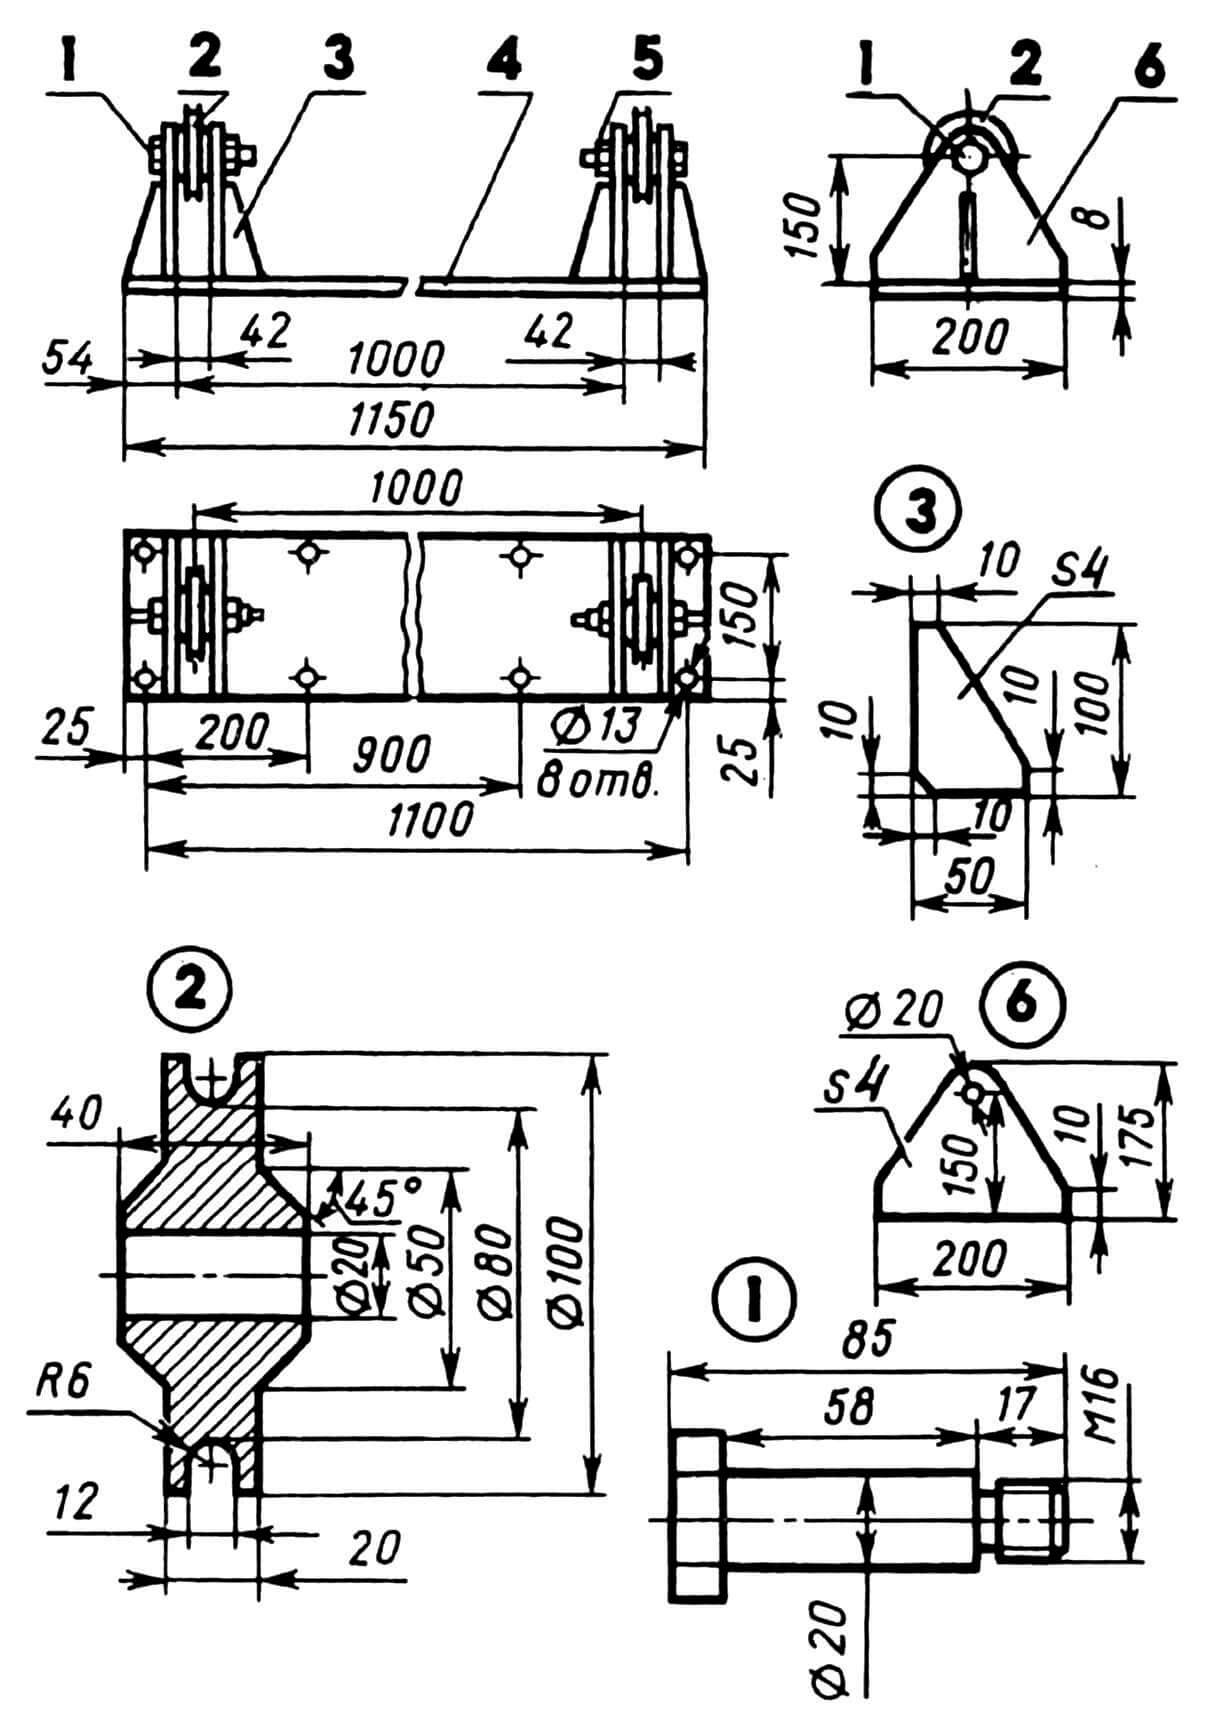 Установка блоков: 1 — ось блока, 2 — блок, 3 — косынка, 4 — плита, 5 — гайка М16 с шайбой, 6 — стойка.